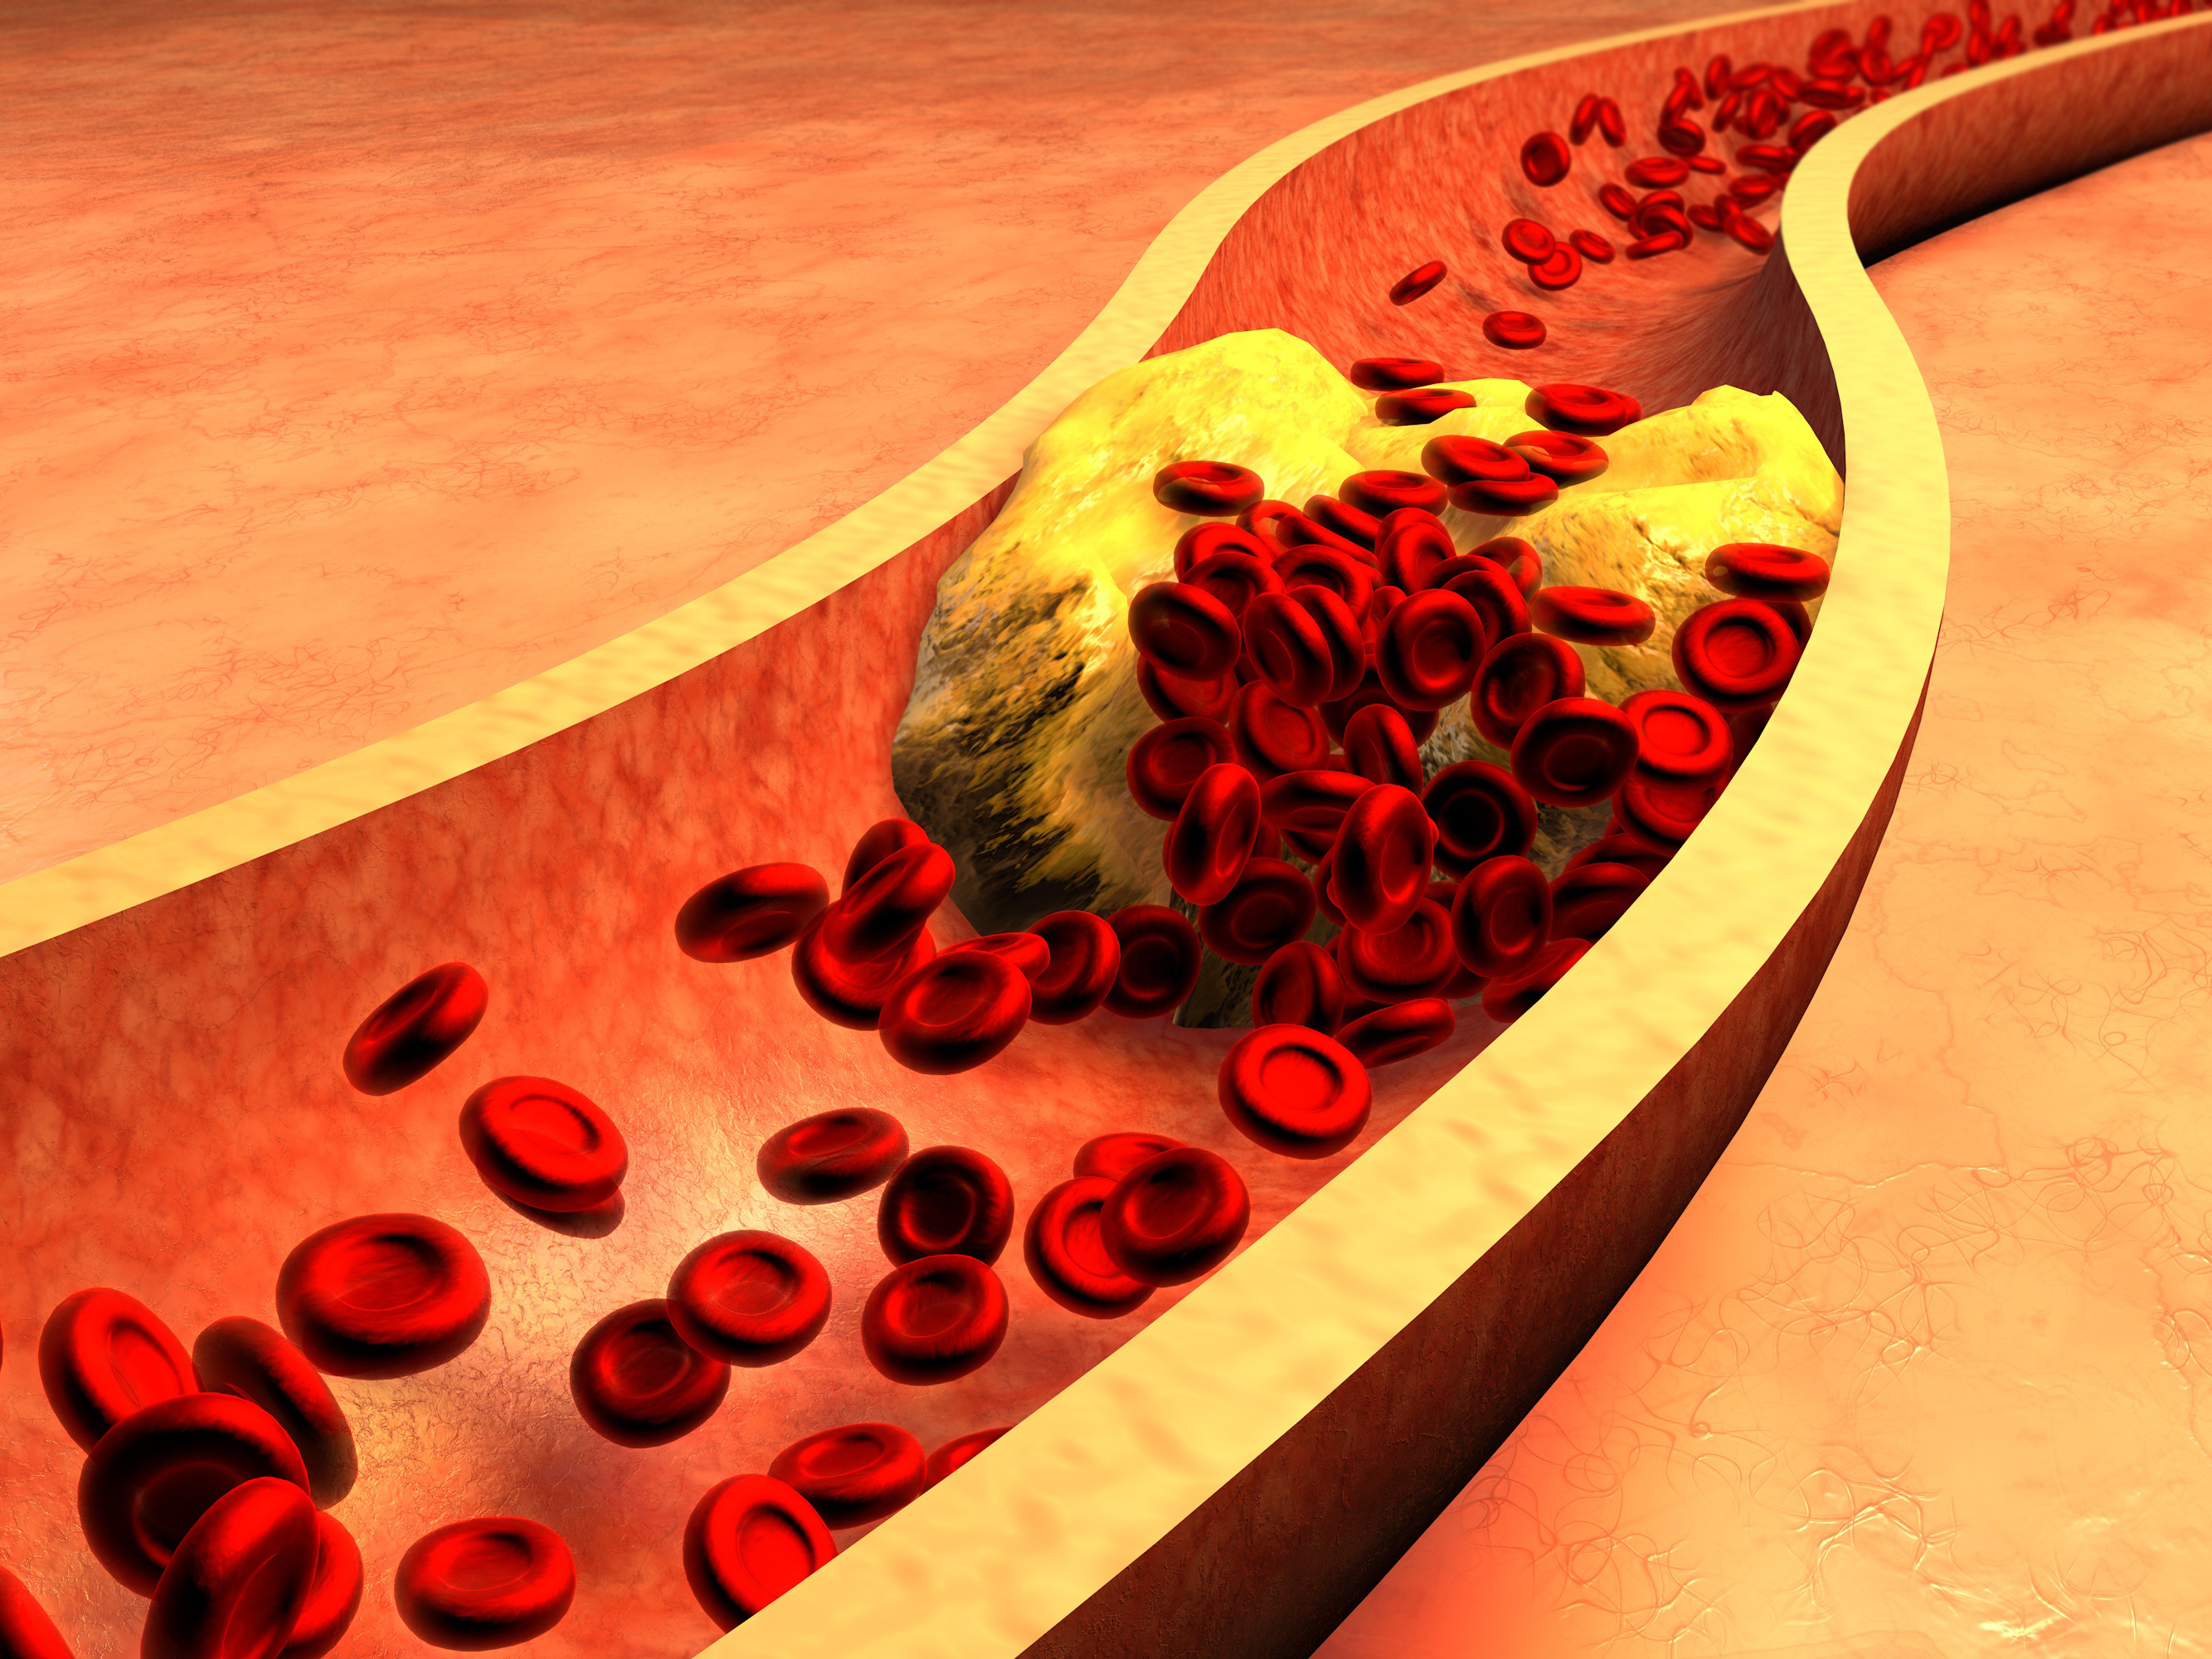 Атеросклероз коронарных артерий — причины, факторы риска, симптомы, диагностика, гаджеты для контроля холестерина, лечение